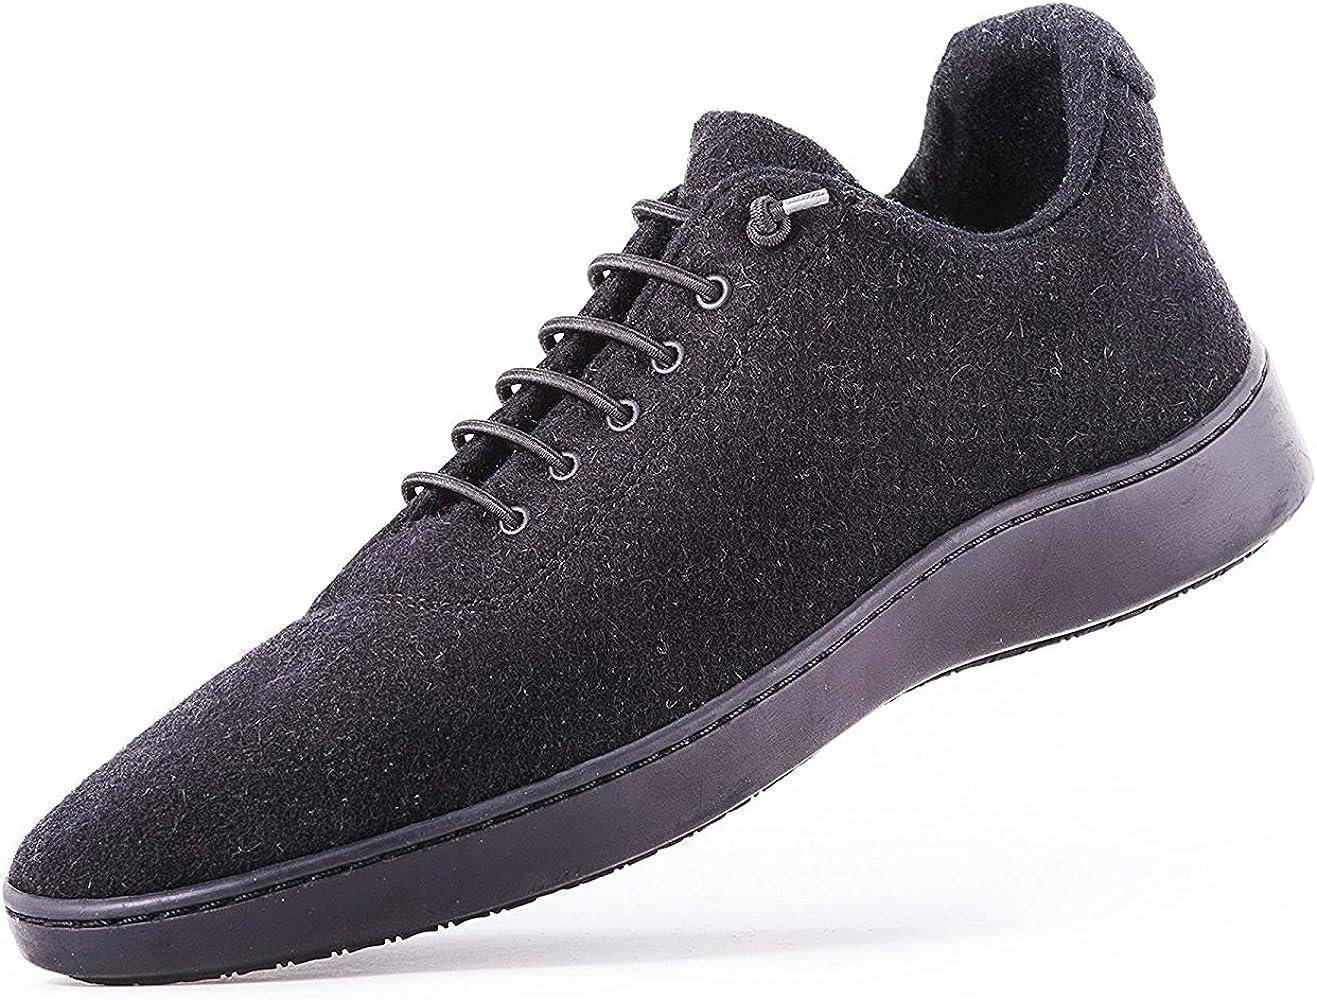 Baabuk Shoes Urban Wooler Sneaker Wooler-Greyorange